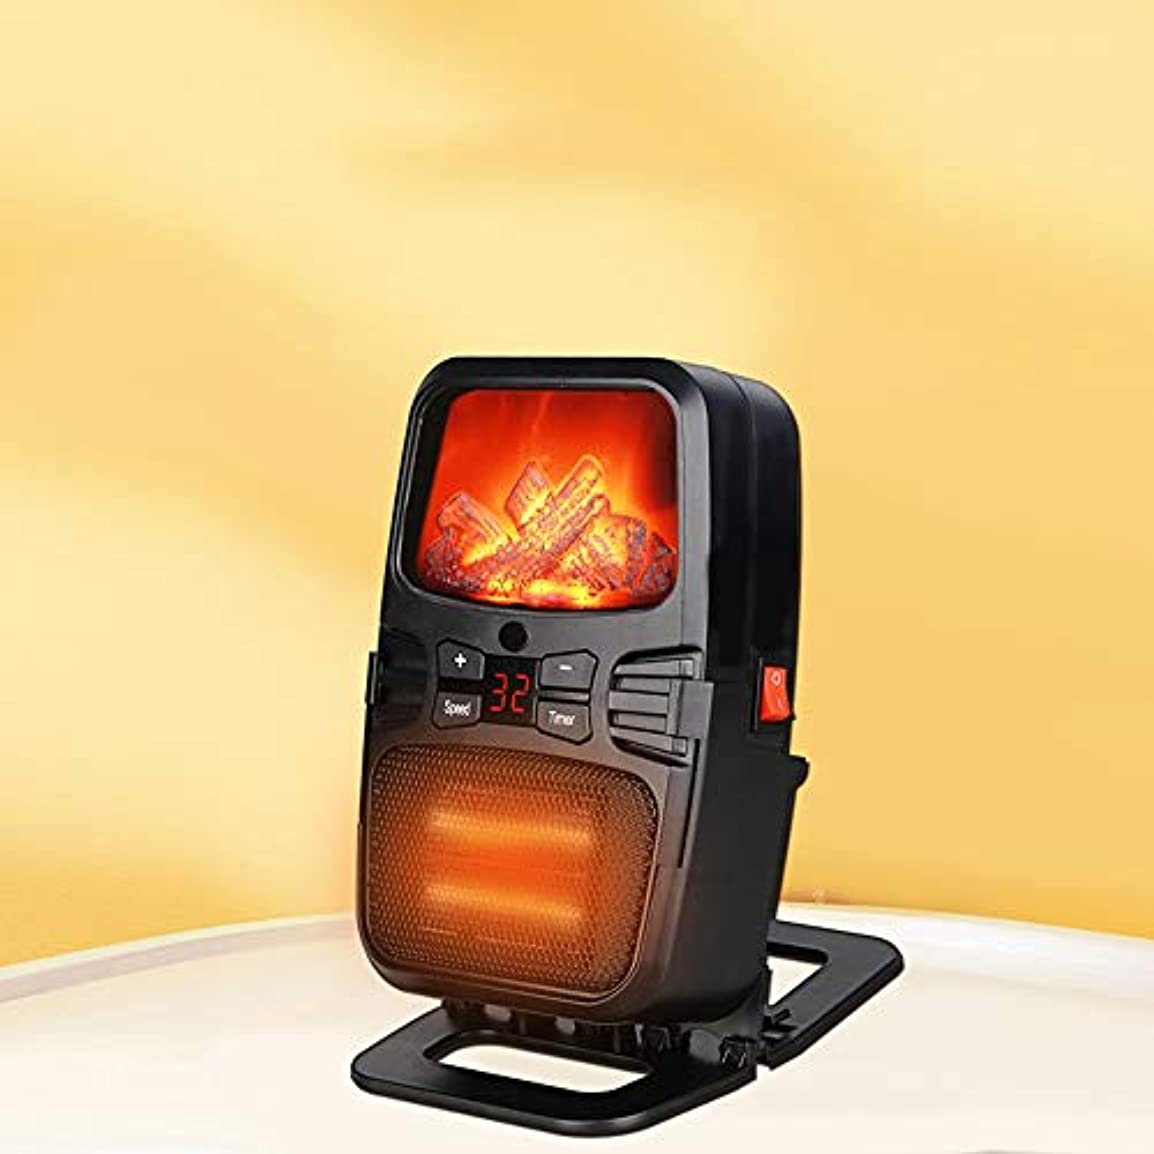 休暇気味の悪いアルバニーDEJA オフィスとホームのリモートコントロール電動パーソナルヒーター過熱およびチルトセキュリティで保護されたセラミックスペースヒーター